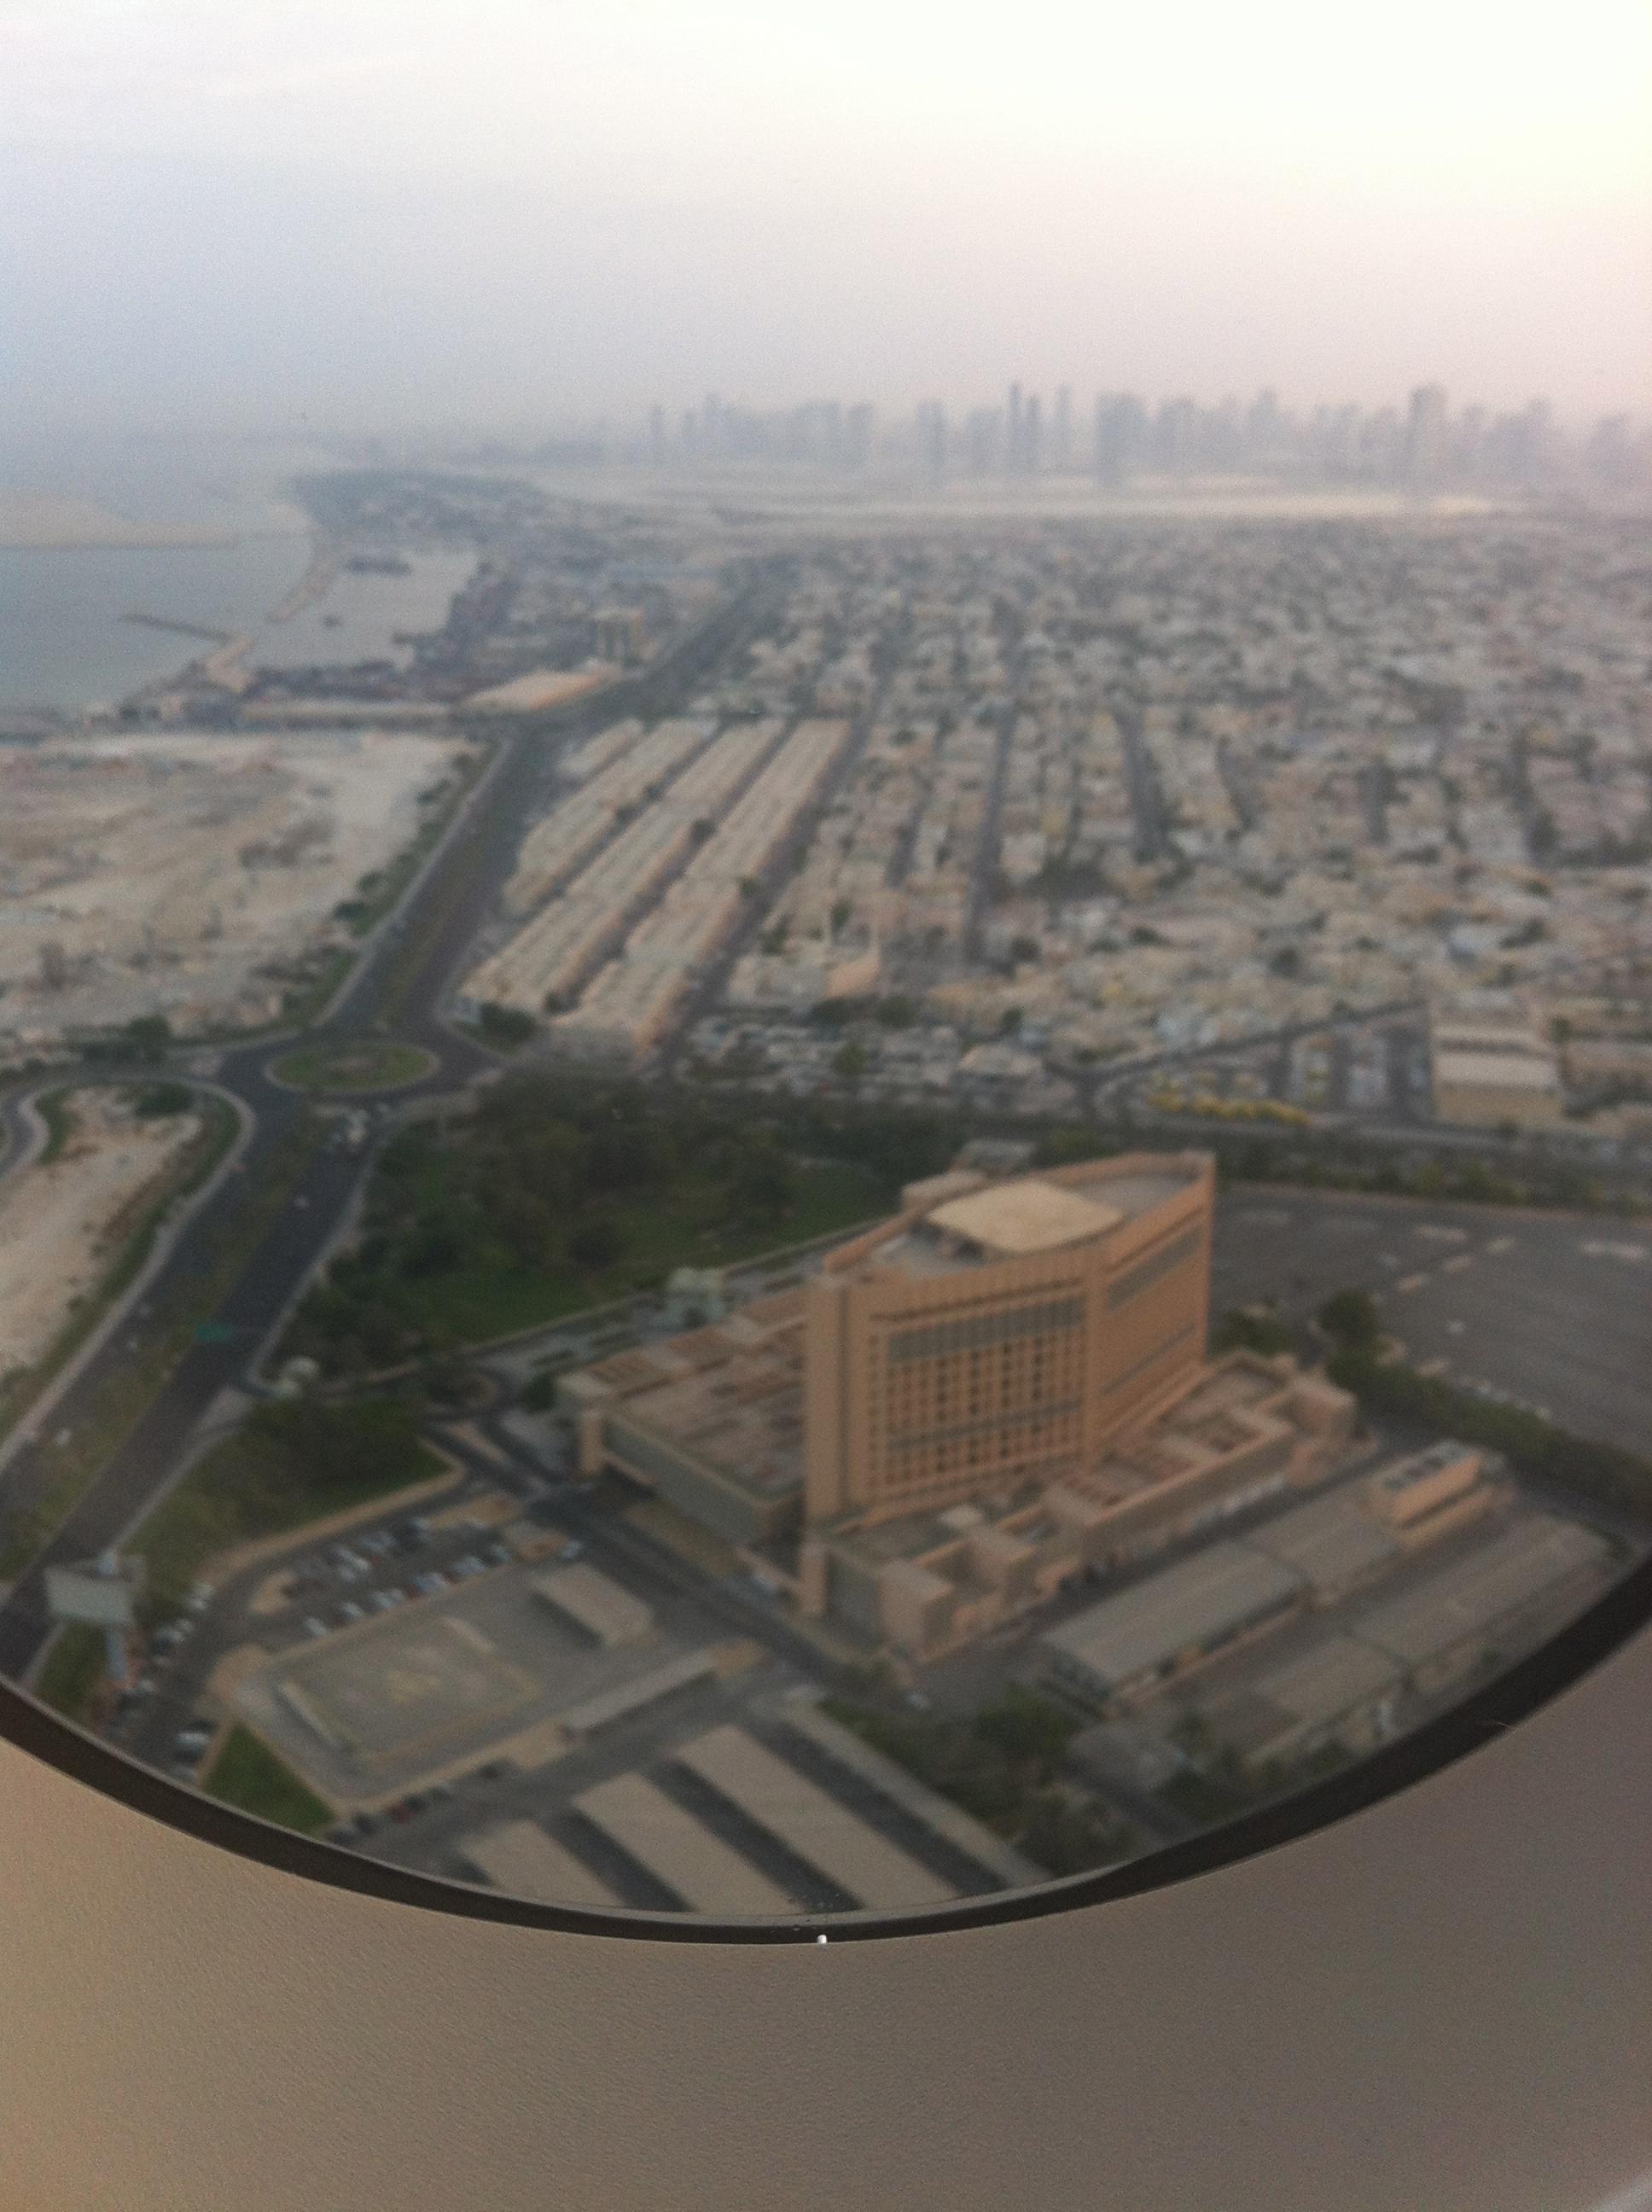 Vue sur Dubaï depuis l'avion